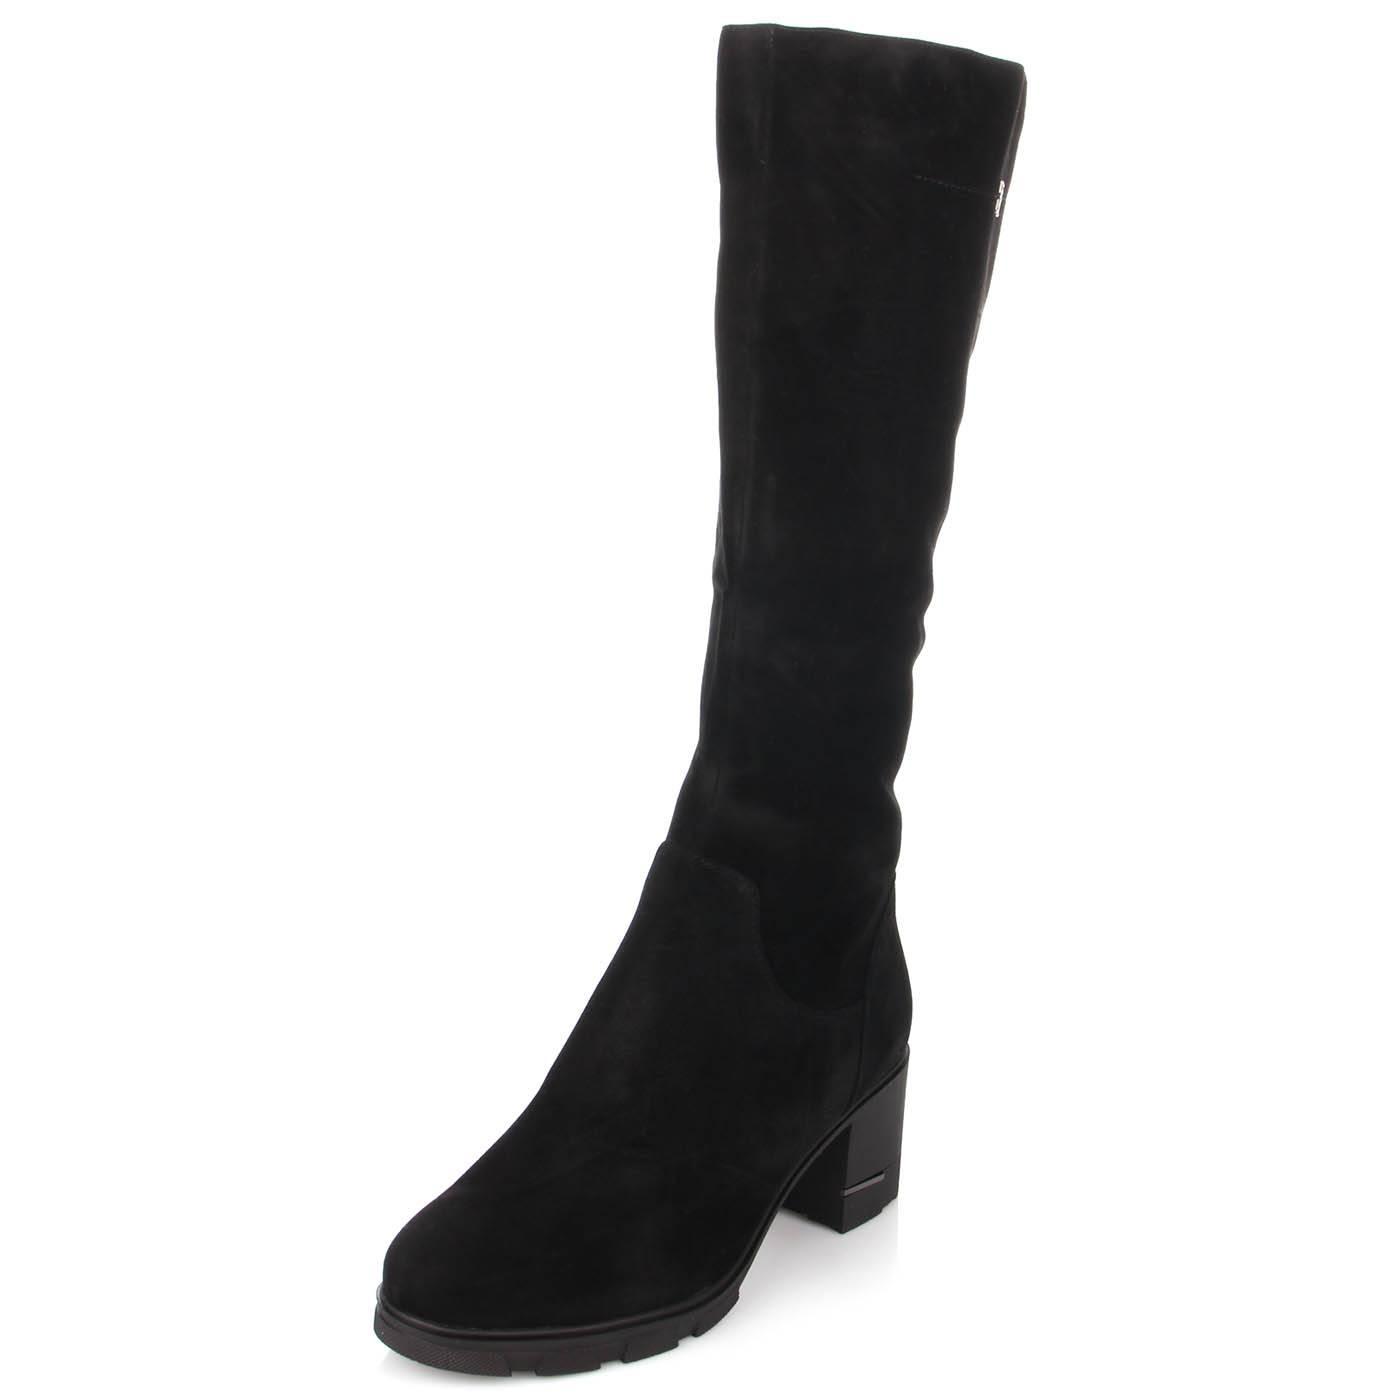 Чоботи жіночі ditto 6915 Чорний купить по выгодной цене в интернет ... cd9d65f4c693c